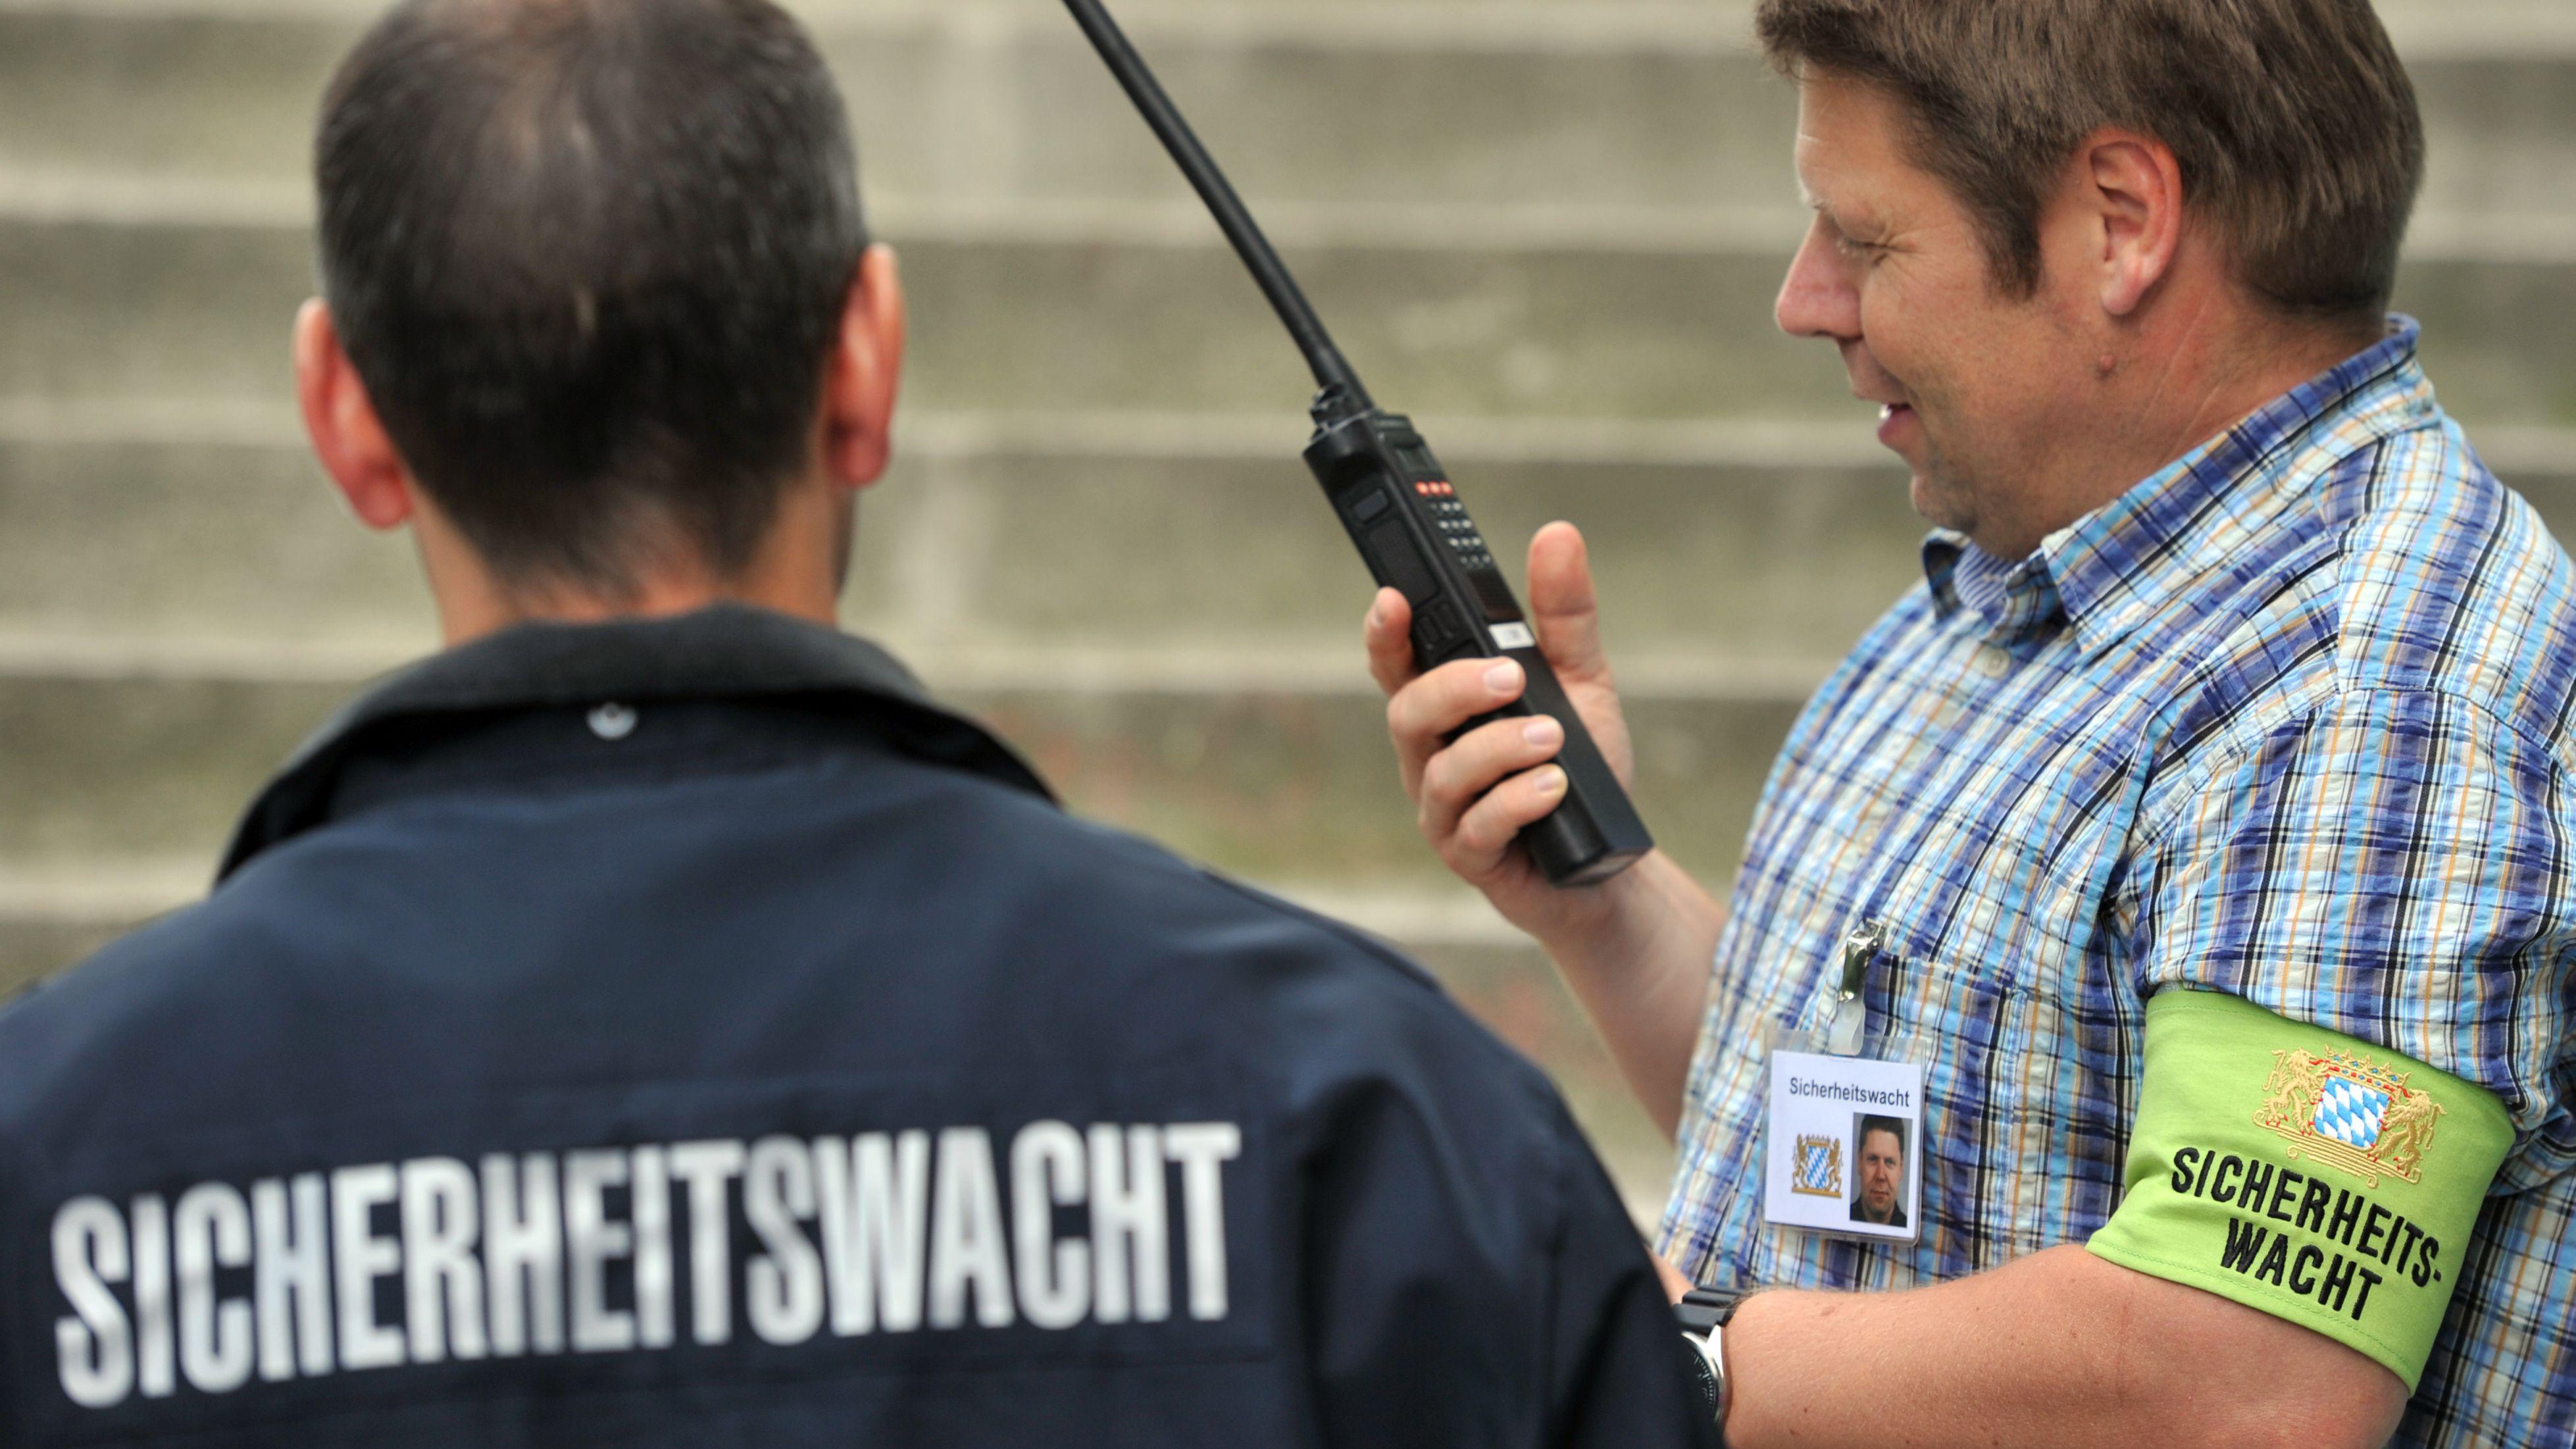 Ehrenamtliche bei der Sicherheitswacht